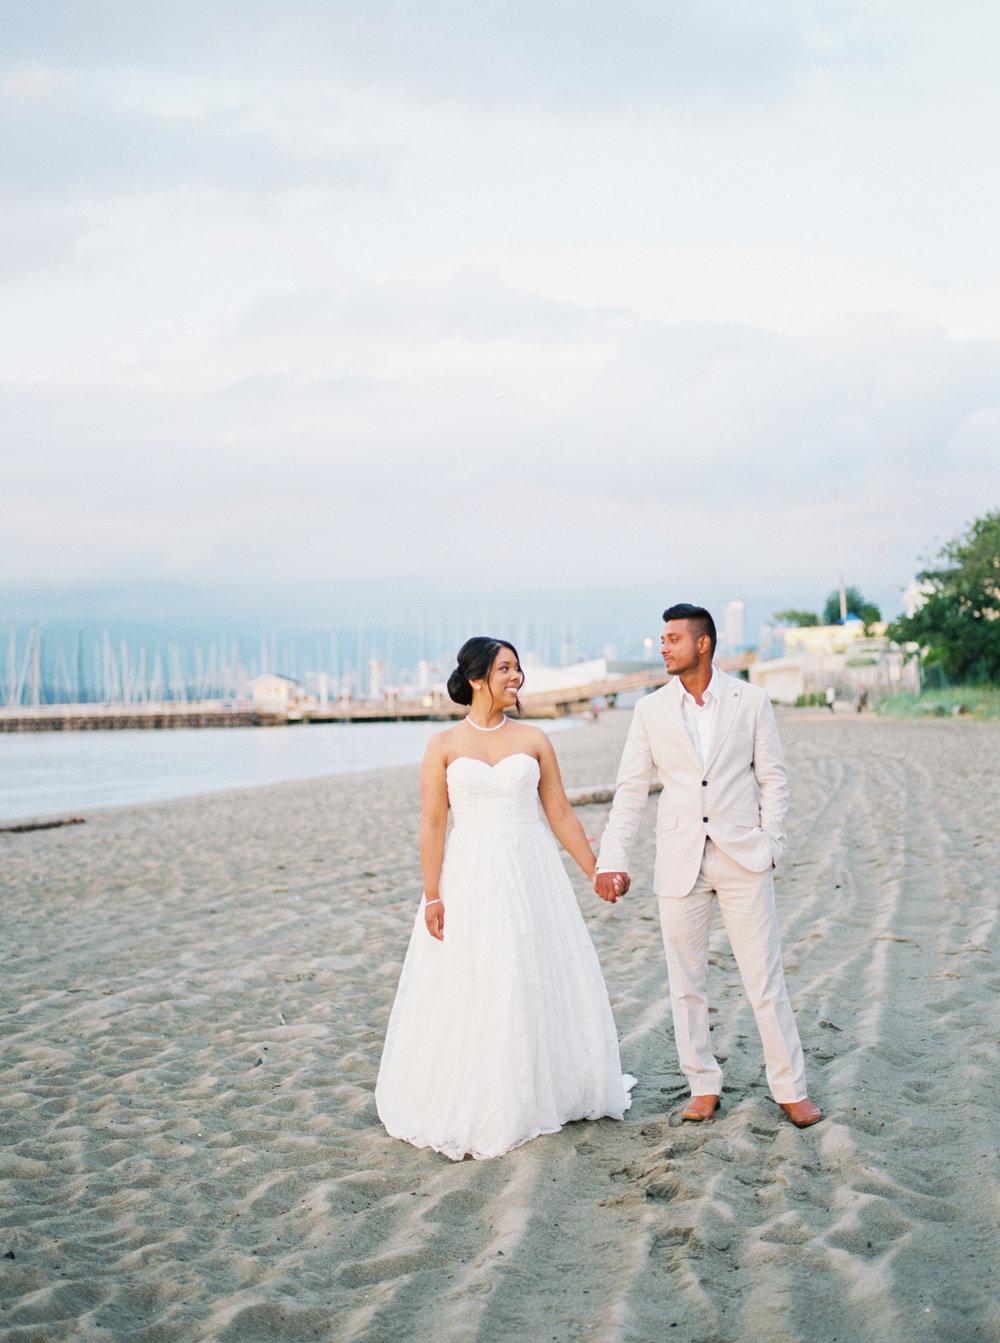 Shalene&Roneel_Wedding_JenzelVeloPhotography317.jpg